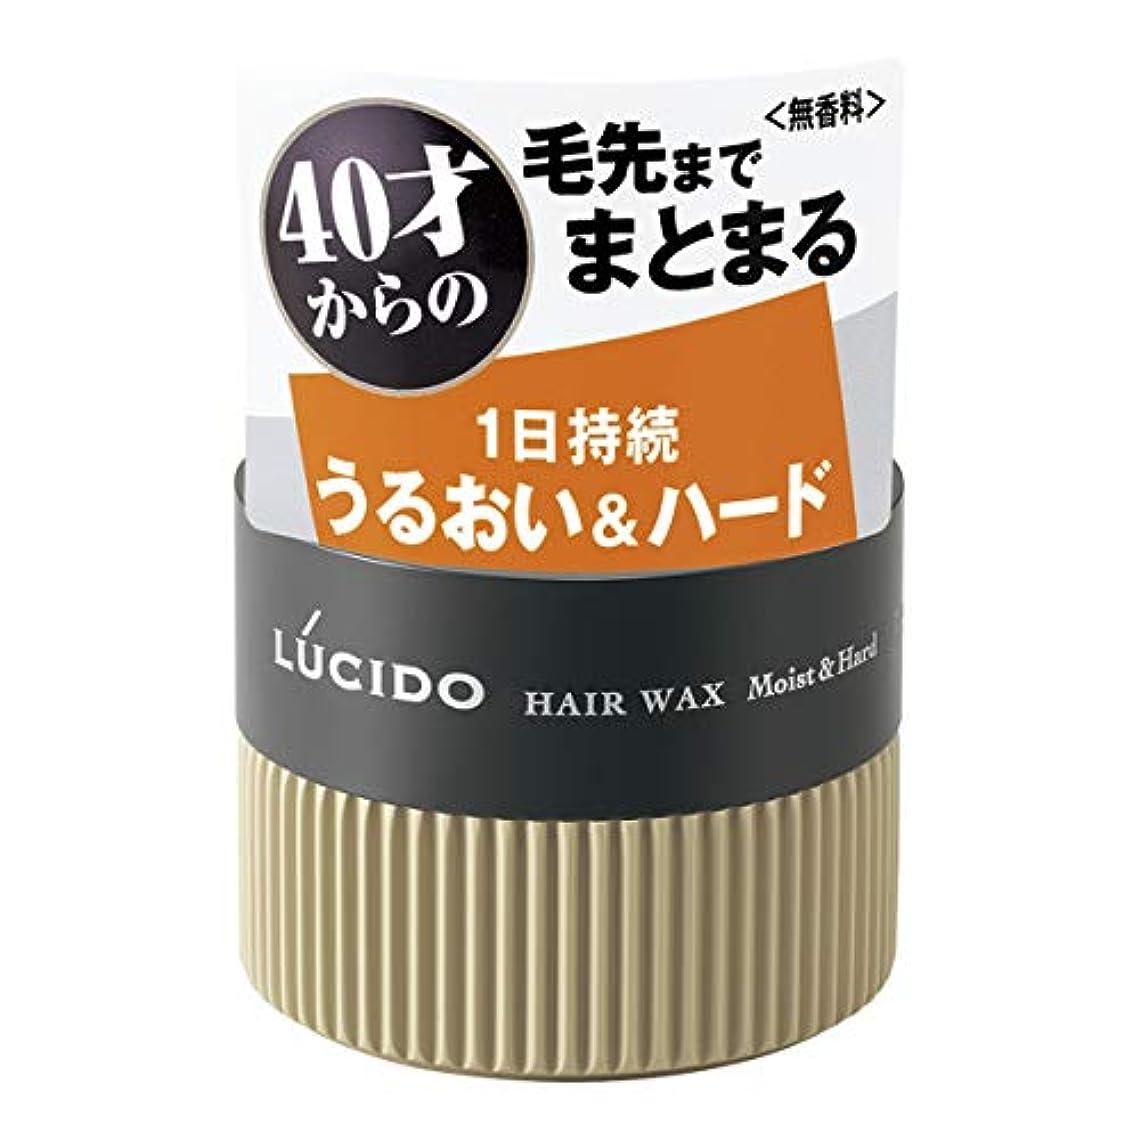 しかし入植者記念品LUCIDO(ルシード) ヘアワックス まとまり&ハード 80g